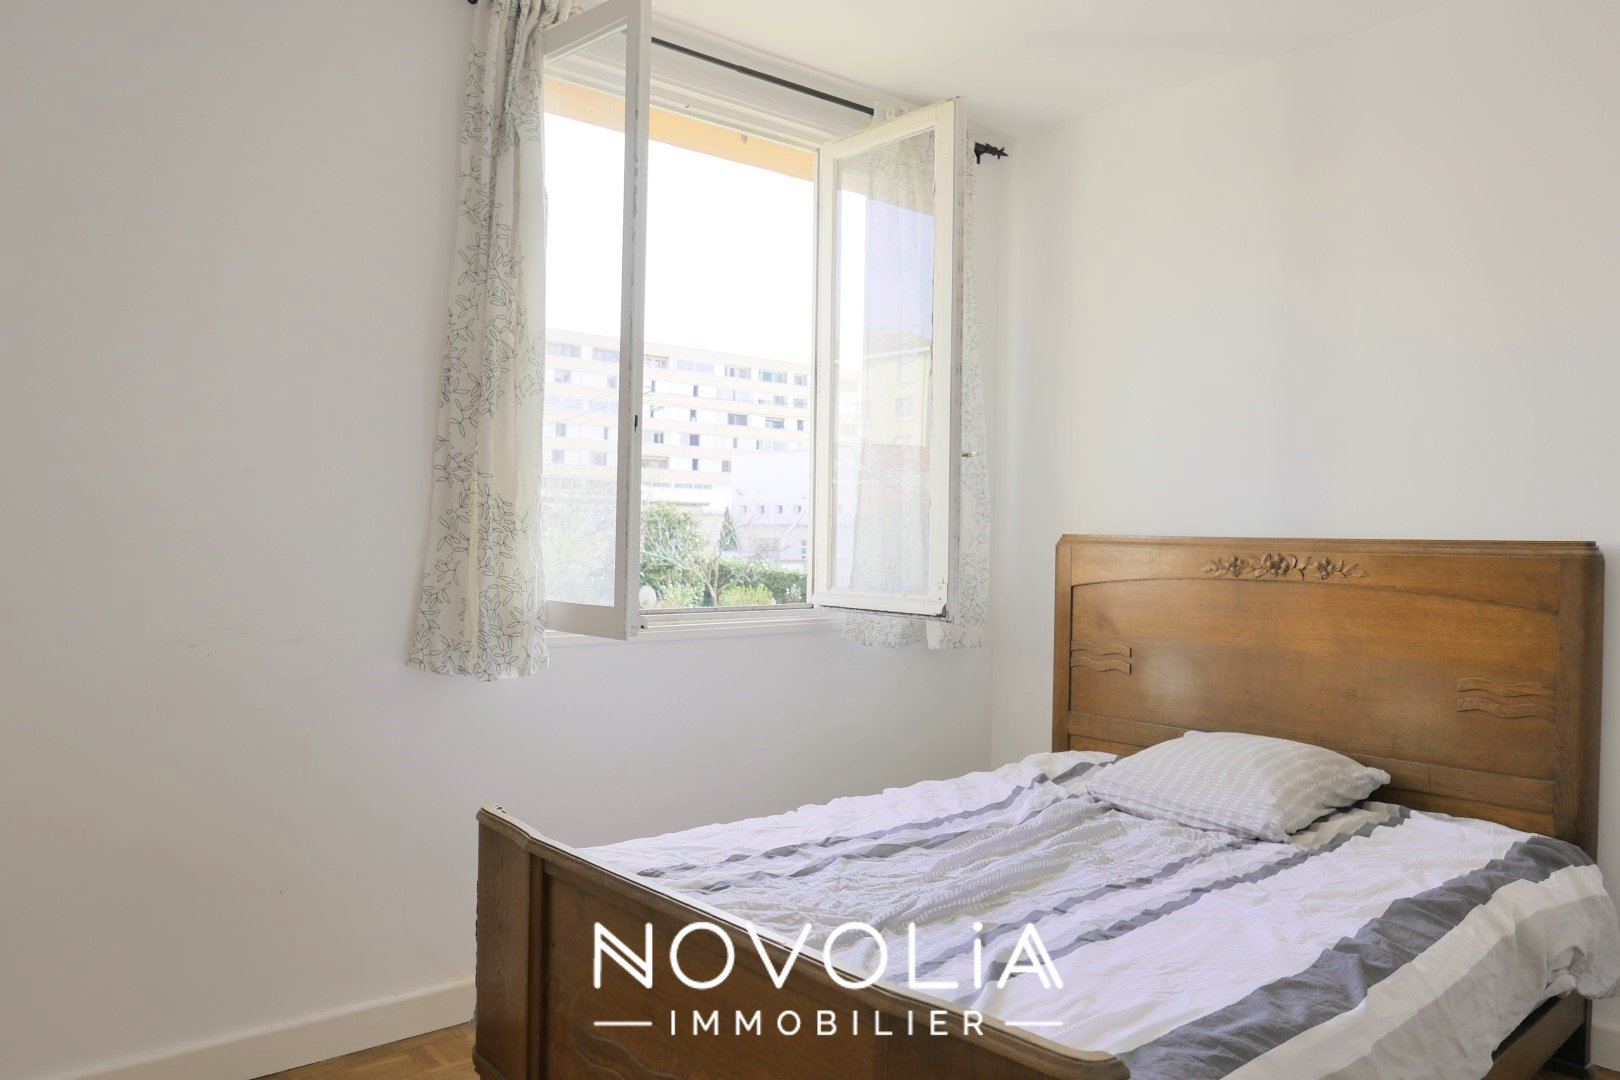 Achat Appartement, Surface de 62.51 m²/ Total carrez : 62.33 m², 3 pièces, Villeurbanne (69100)